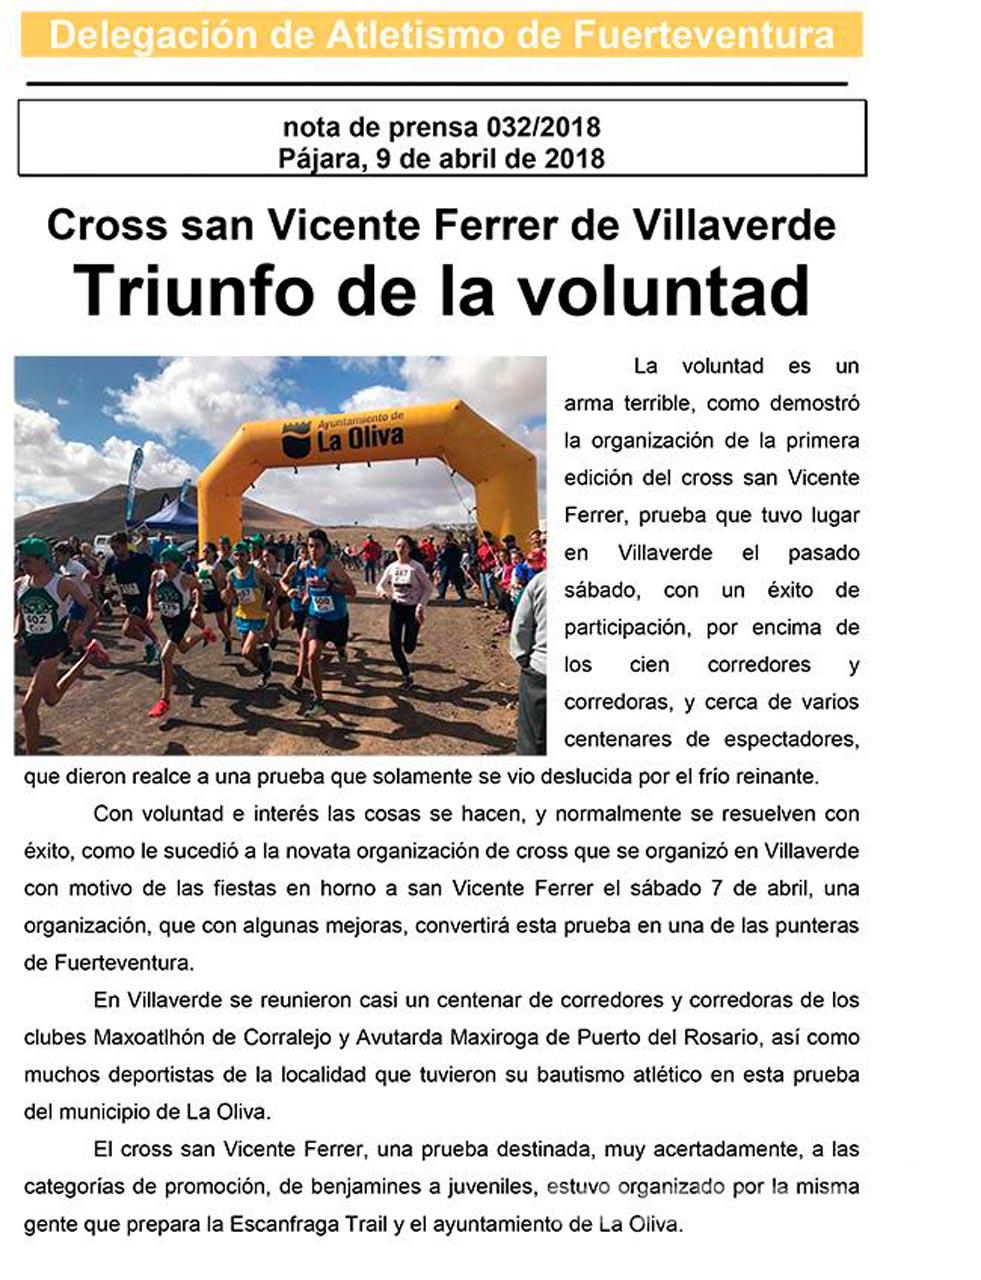 Triunfo de la voluntad en el cross de Villaverde